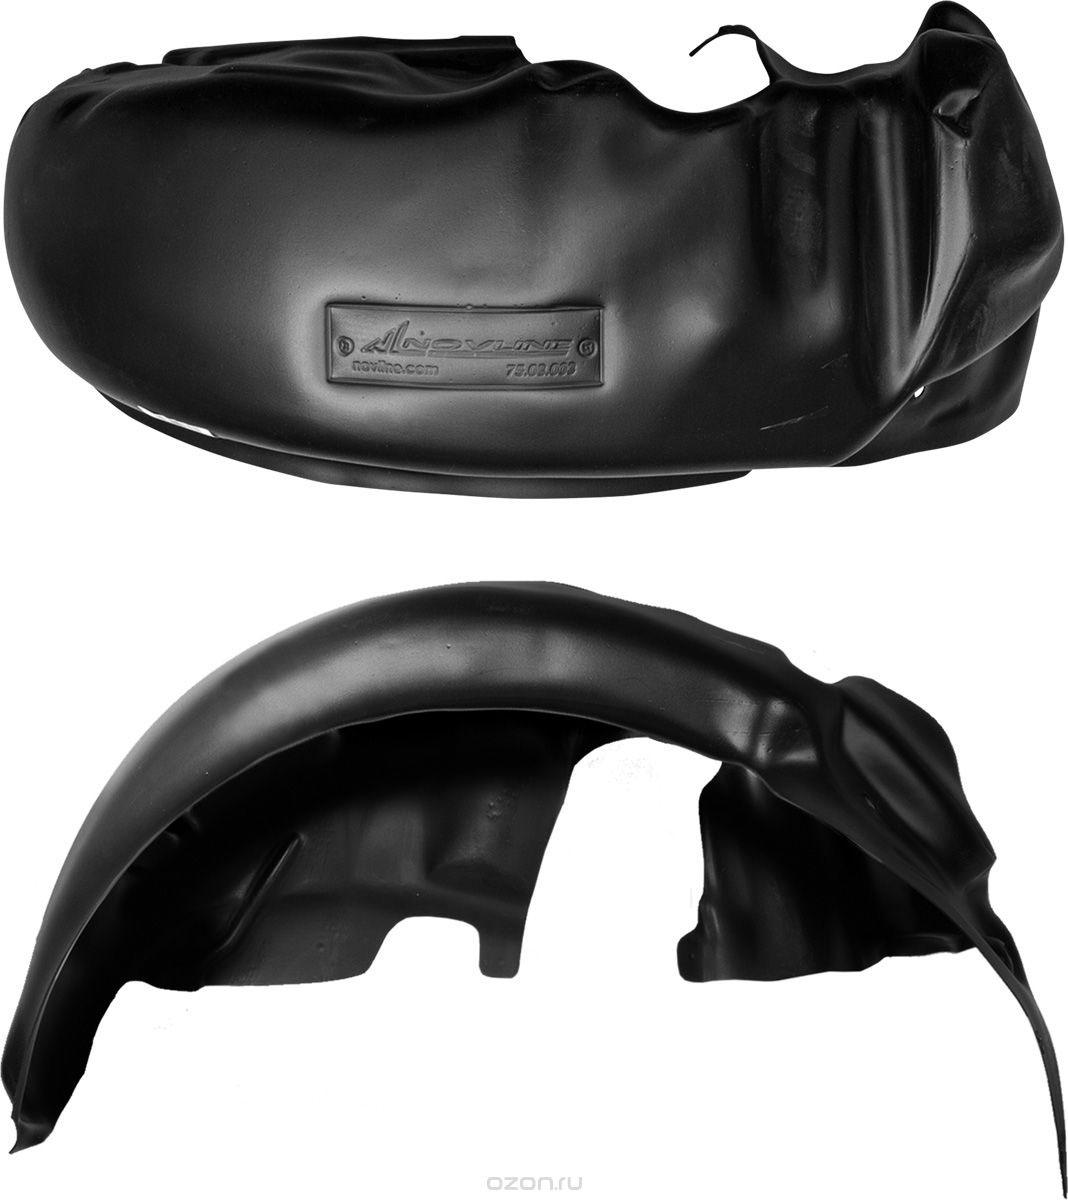 Подкрылок Novline-Autofamily, для Kia Soul, 2014->, задний правыйNLL.25.41.004Идеальная защита колесной ниши. Локеры разработаны с применением цифровых технологий, гарантируют максимальную повторяемость поверхности арки. Изделия устанавливаются без нарушения лакокрасочного покрытия автомобиля, каждый подкрылок комплектуется крепежом. Уважаемые клиенты, обращаем ваше внимание, что фотографии на подкрылки универсальные и не отражают реальную форму изделия. При этом само изделие идет точно под размер указанного автомобиля.